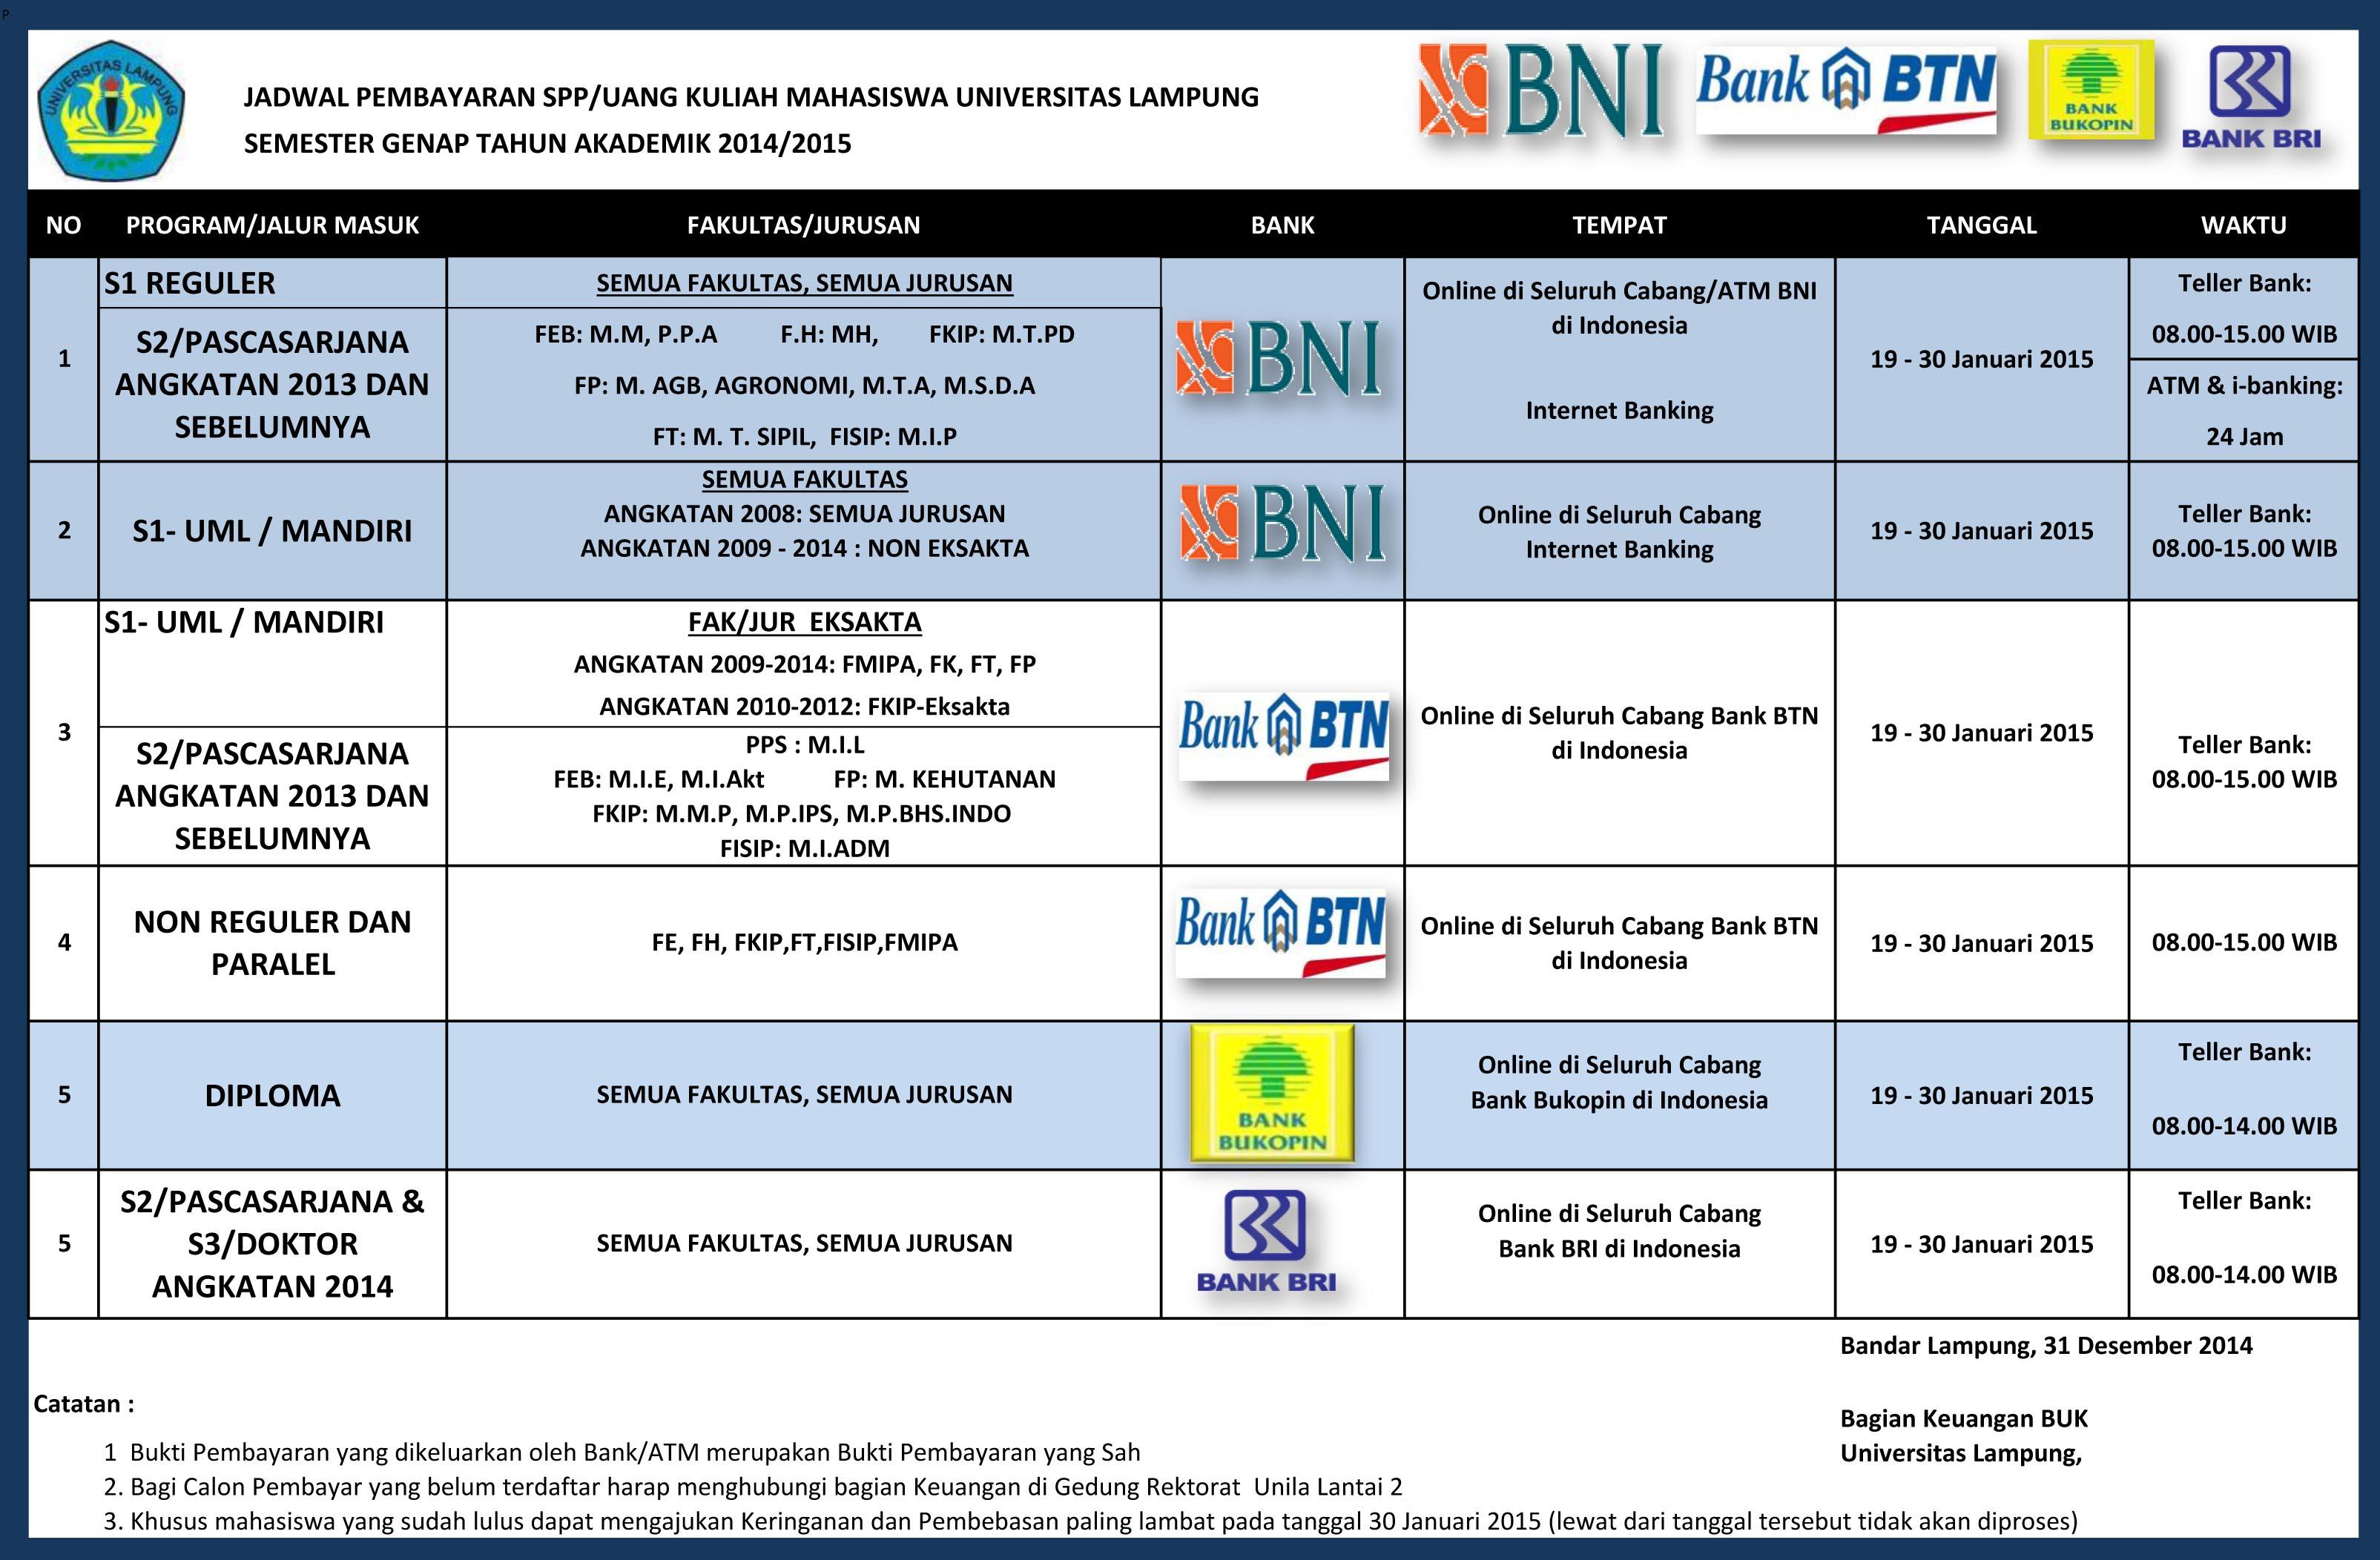 Jadwal Pembayaran SPP 2014/2015